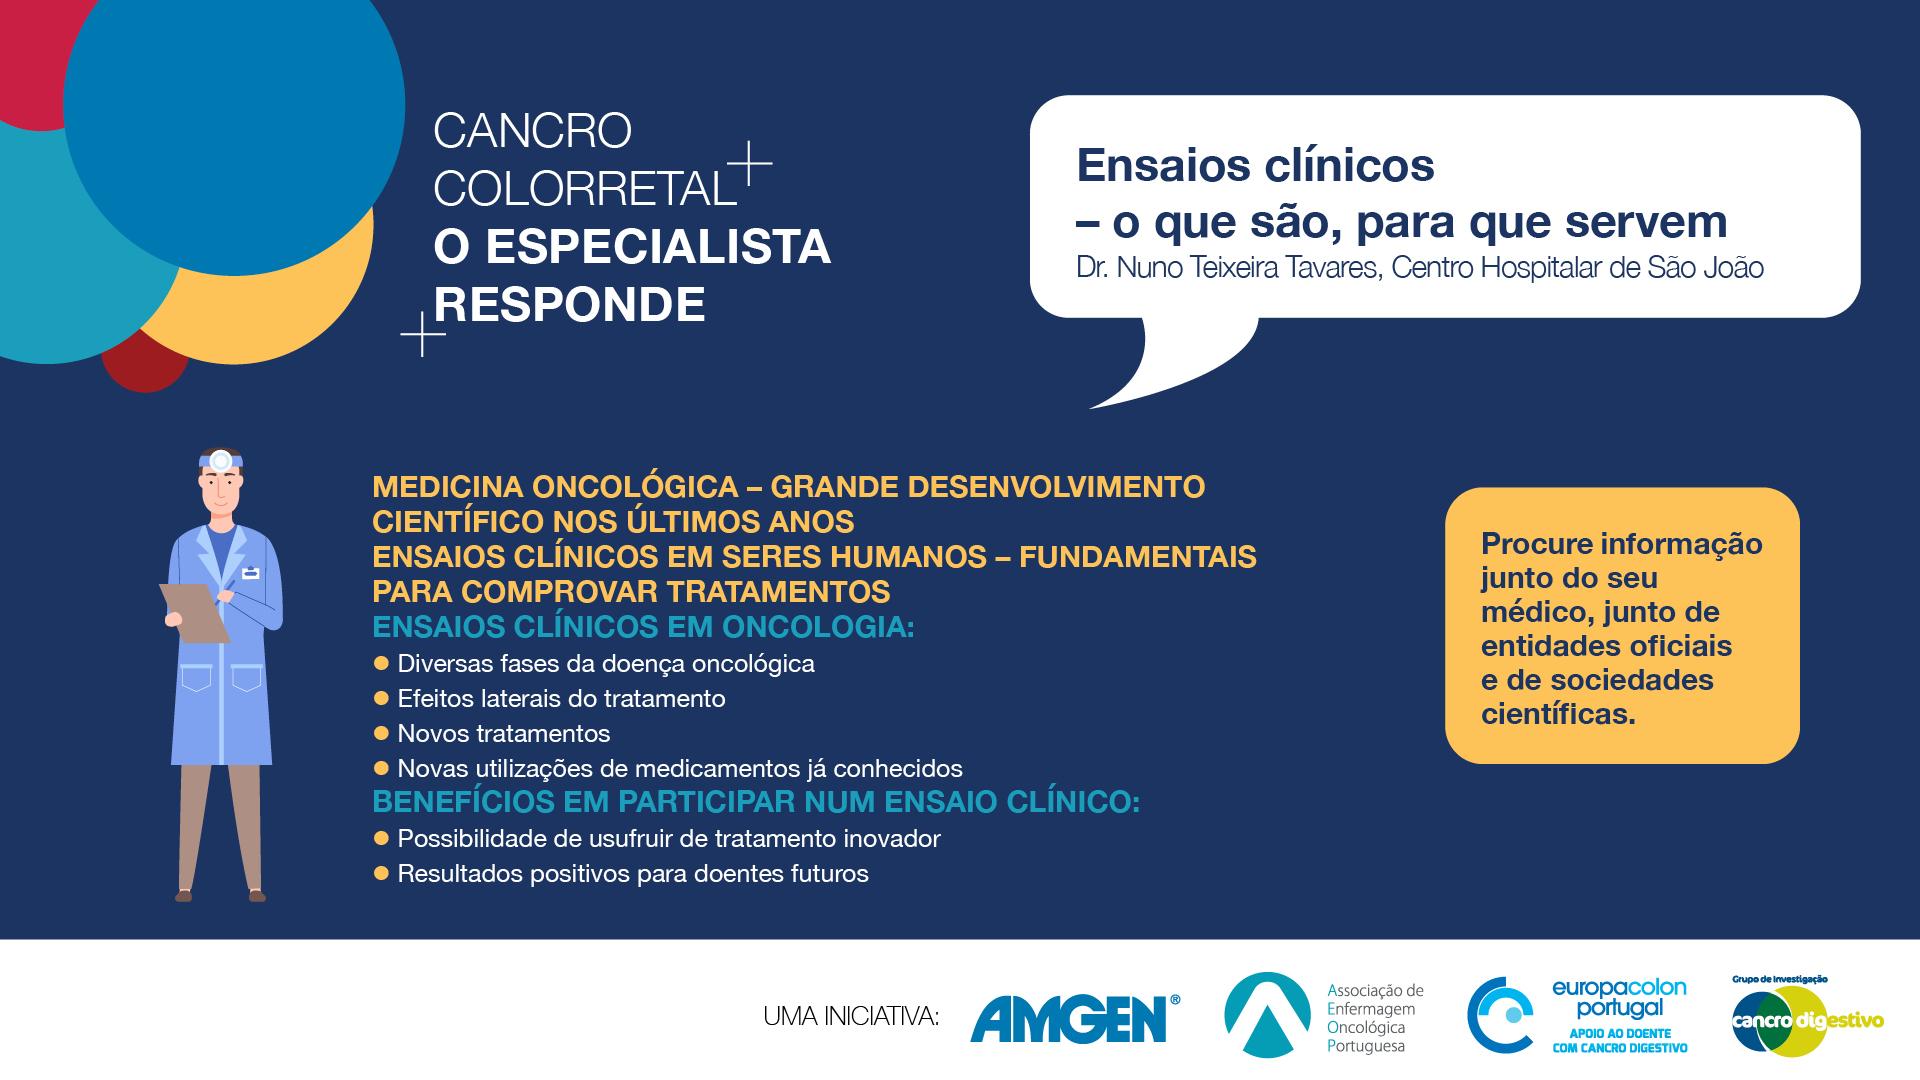 AMGEN cancro colorretal palavra de meüdico9